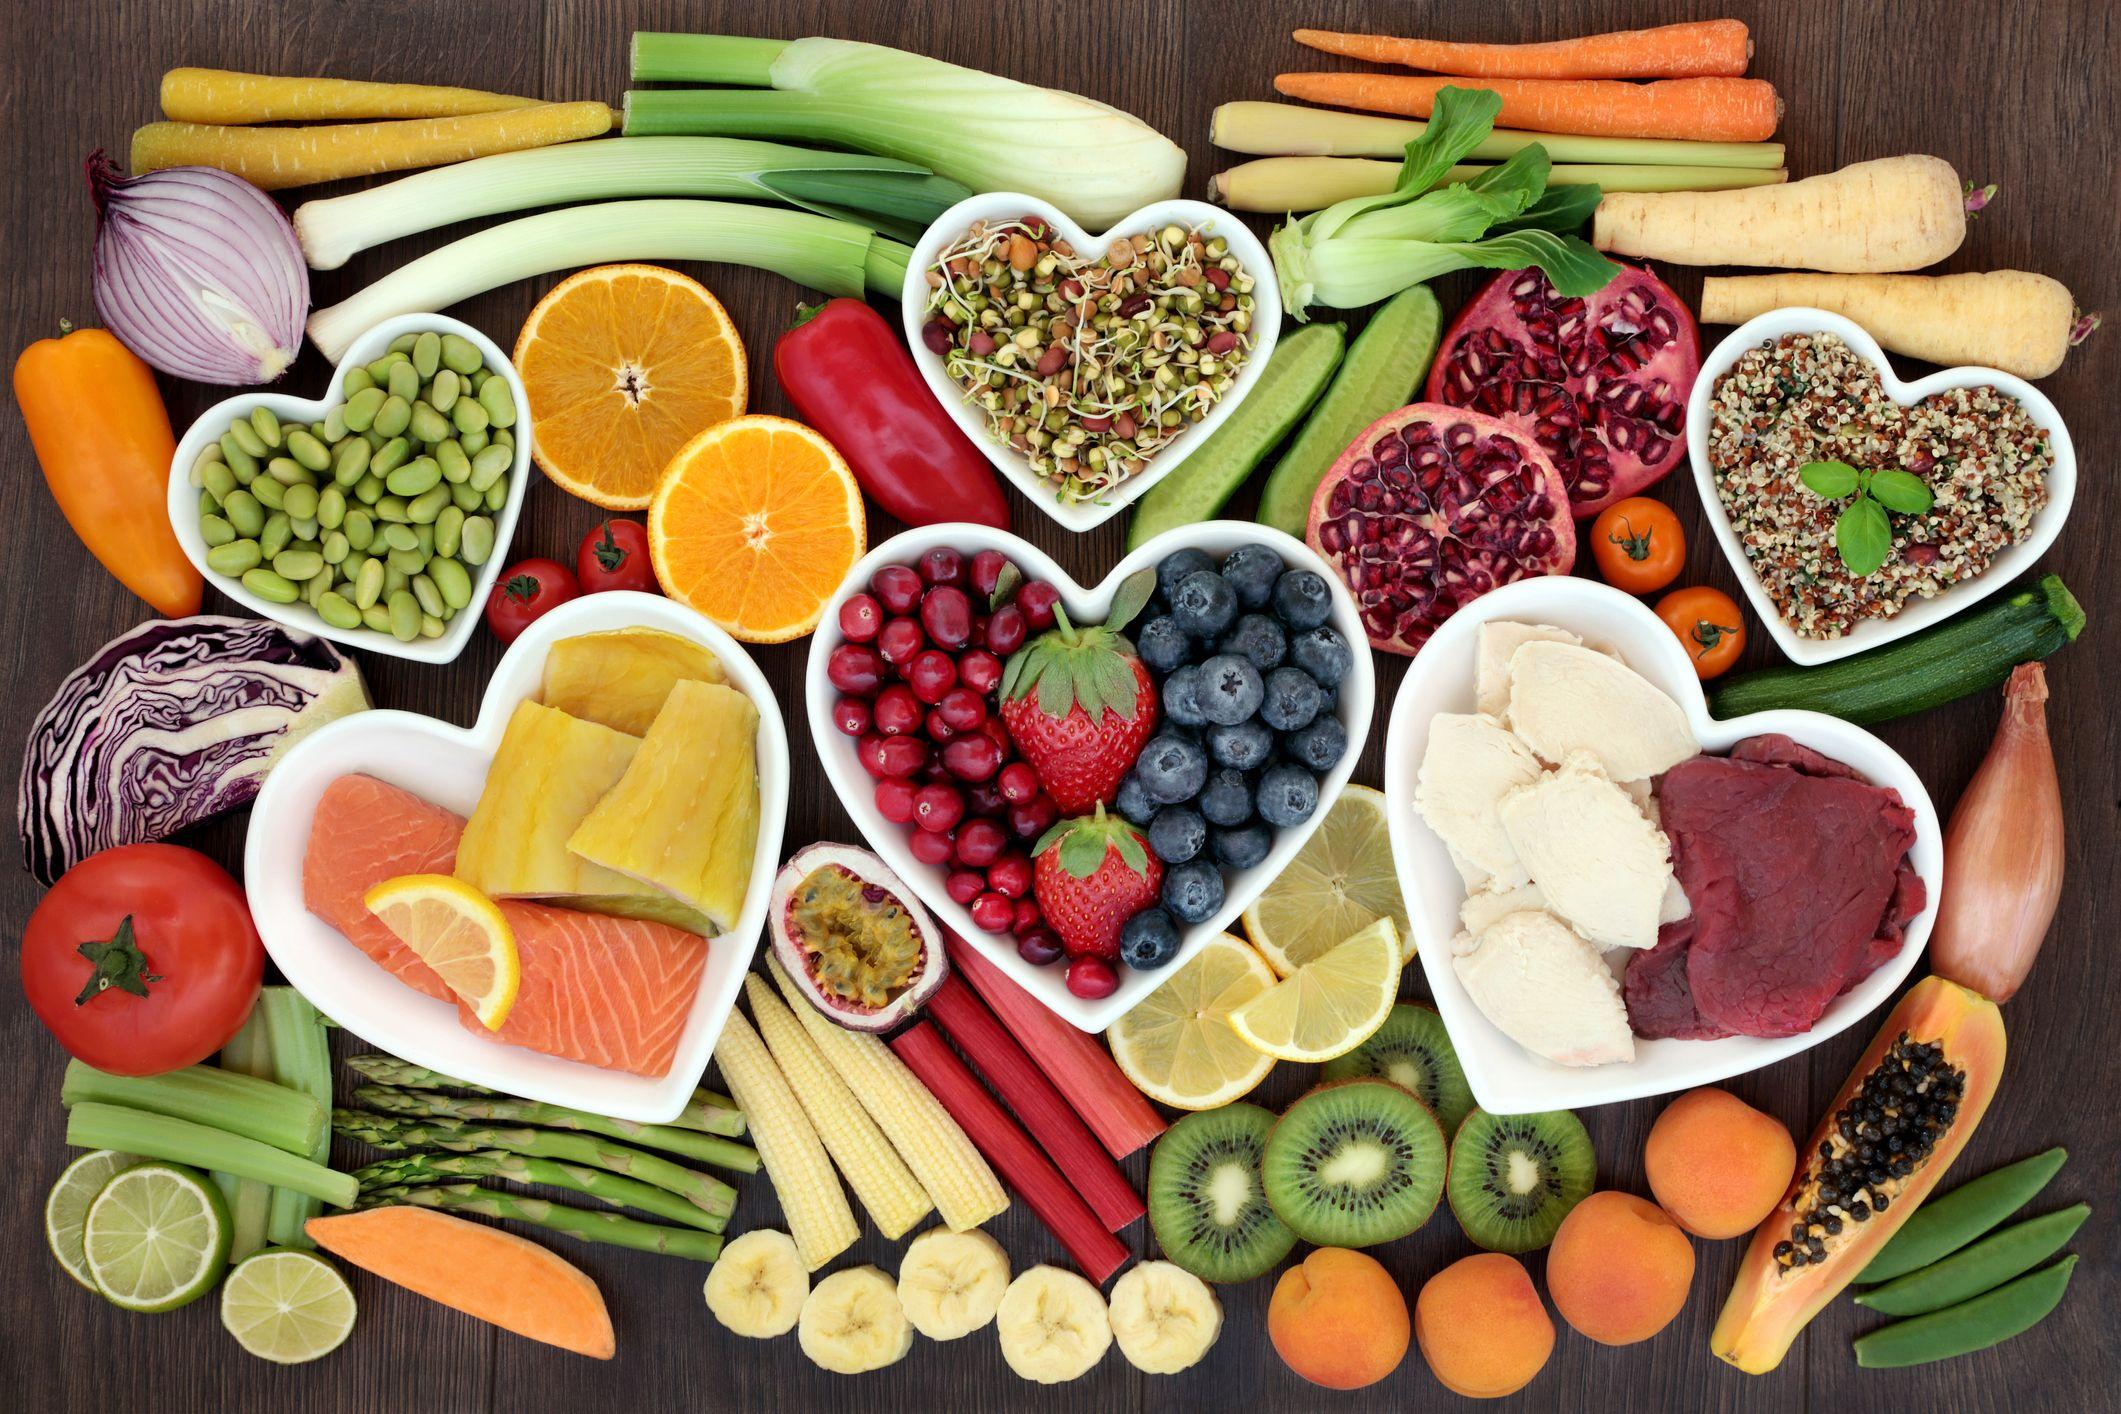 Diéta, ktorá vám pomôže